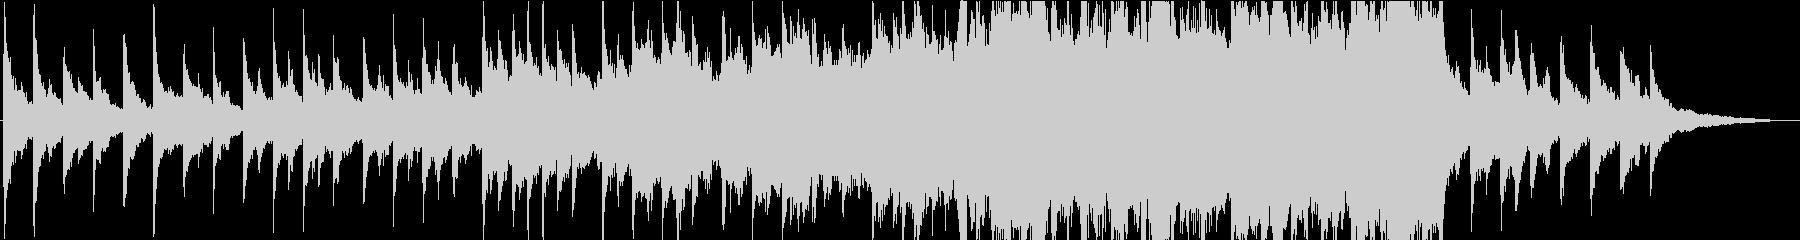 徐々に盛り上がる切ないオーケストラ曲の未再生の波形